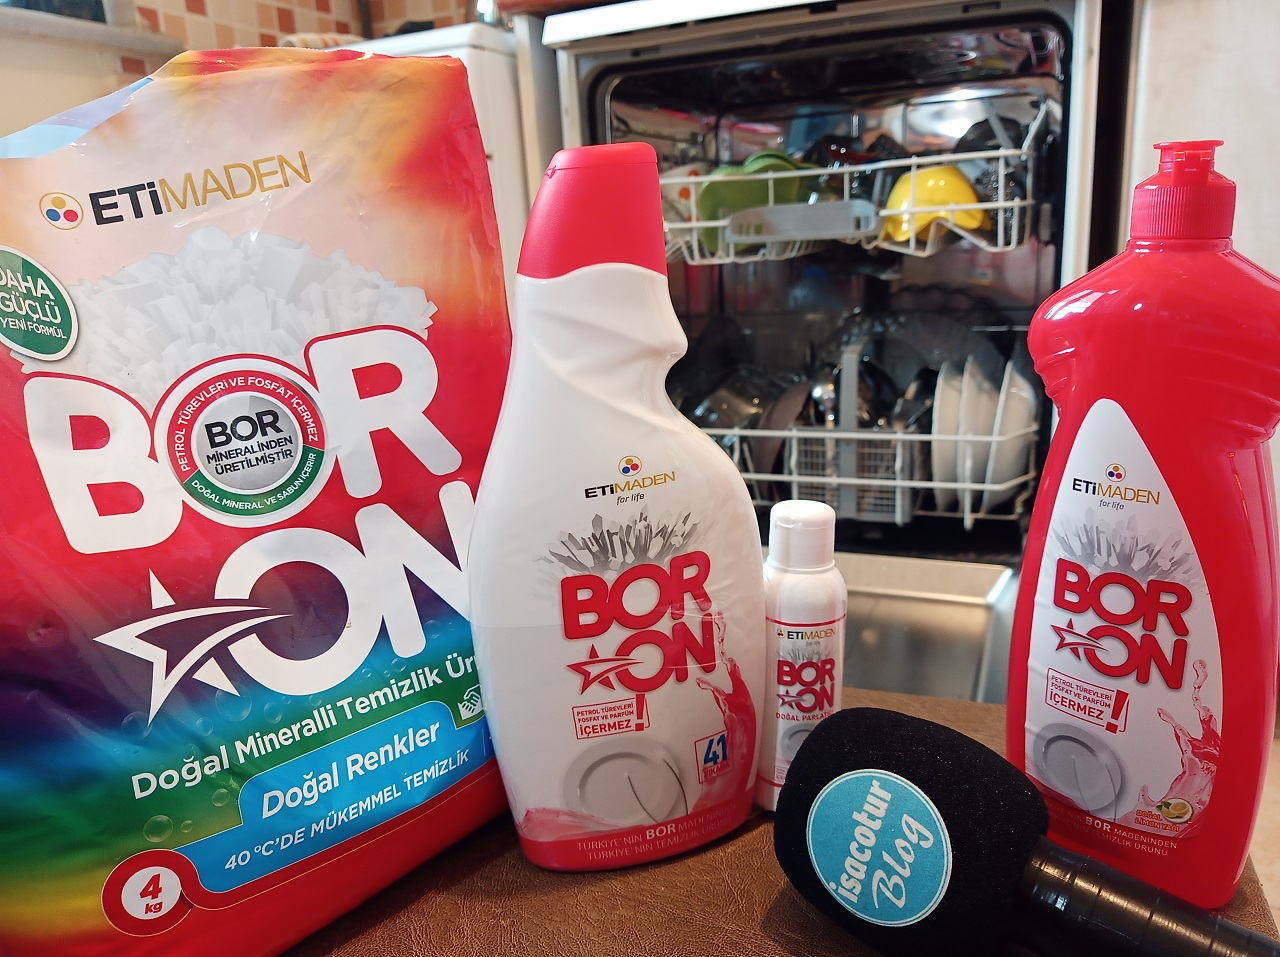 Boron Bulaşık Makinesi Deterjanı